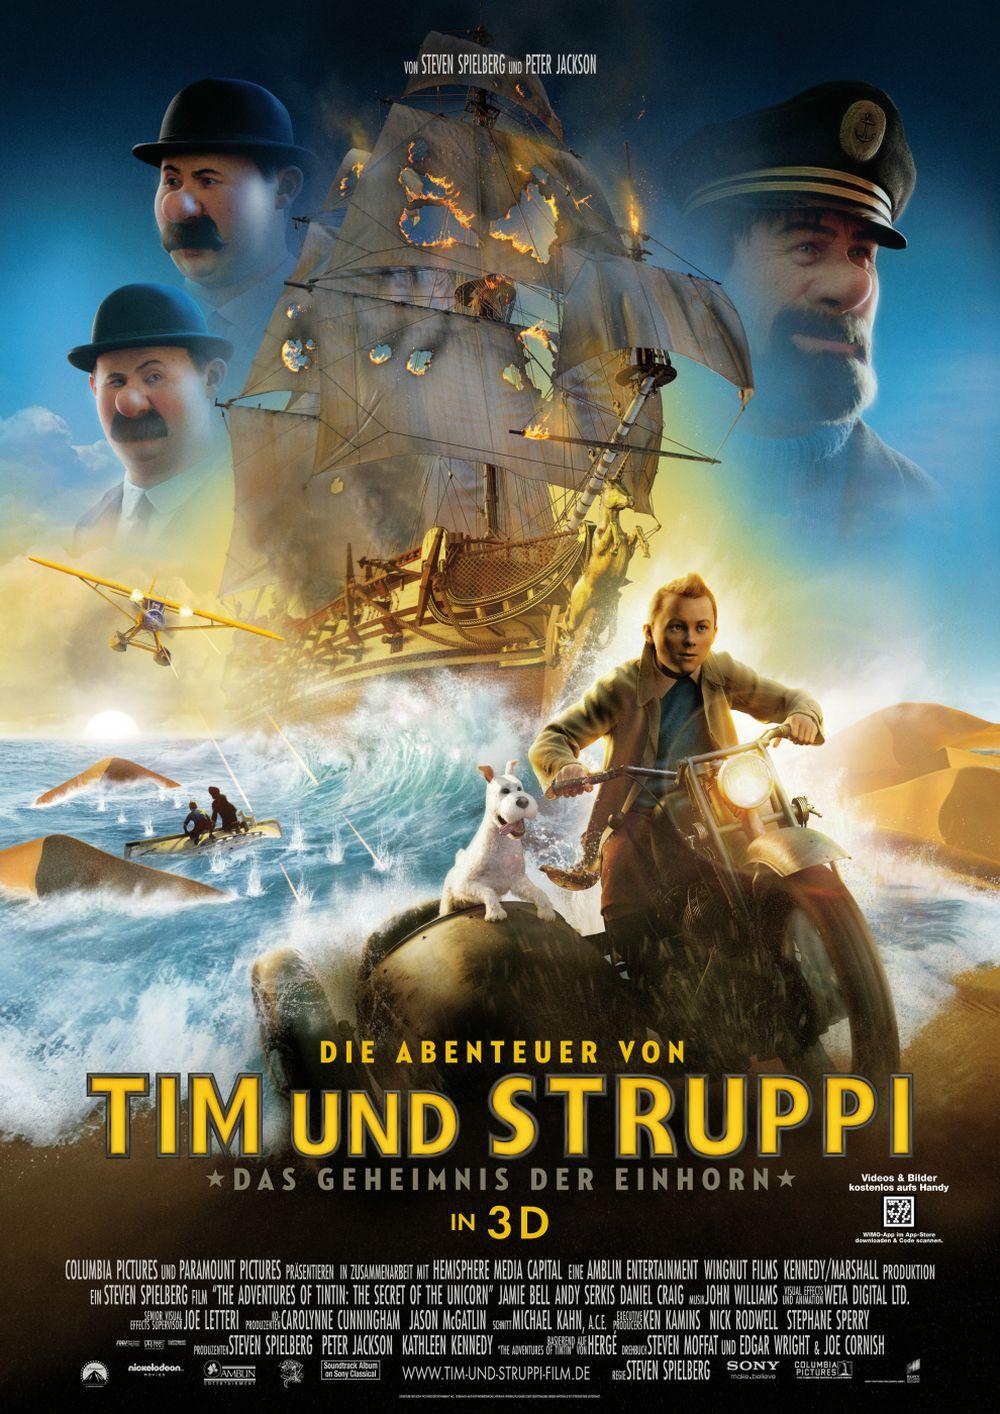 Die Abenteuer von Tim und Struppi - Das Geheimnis der 'Einhorn' (Kino) 2011